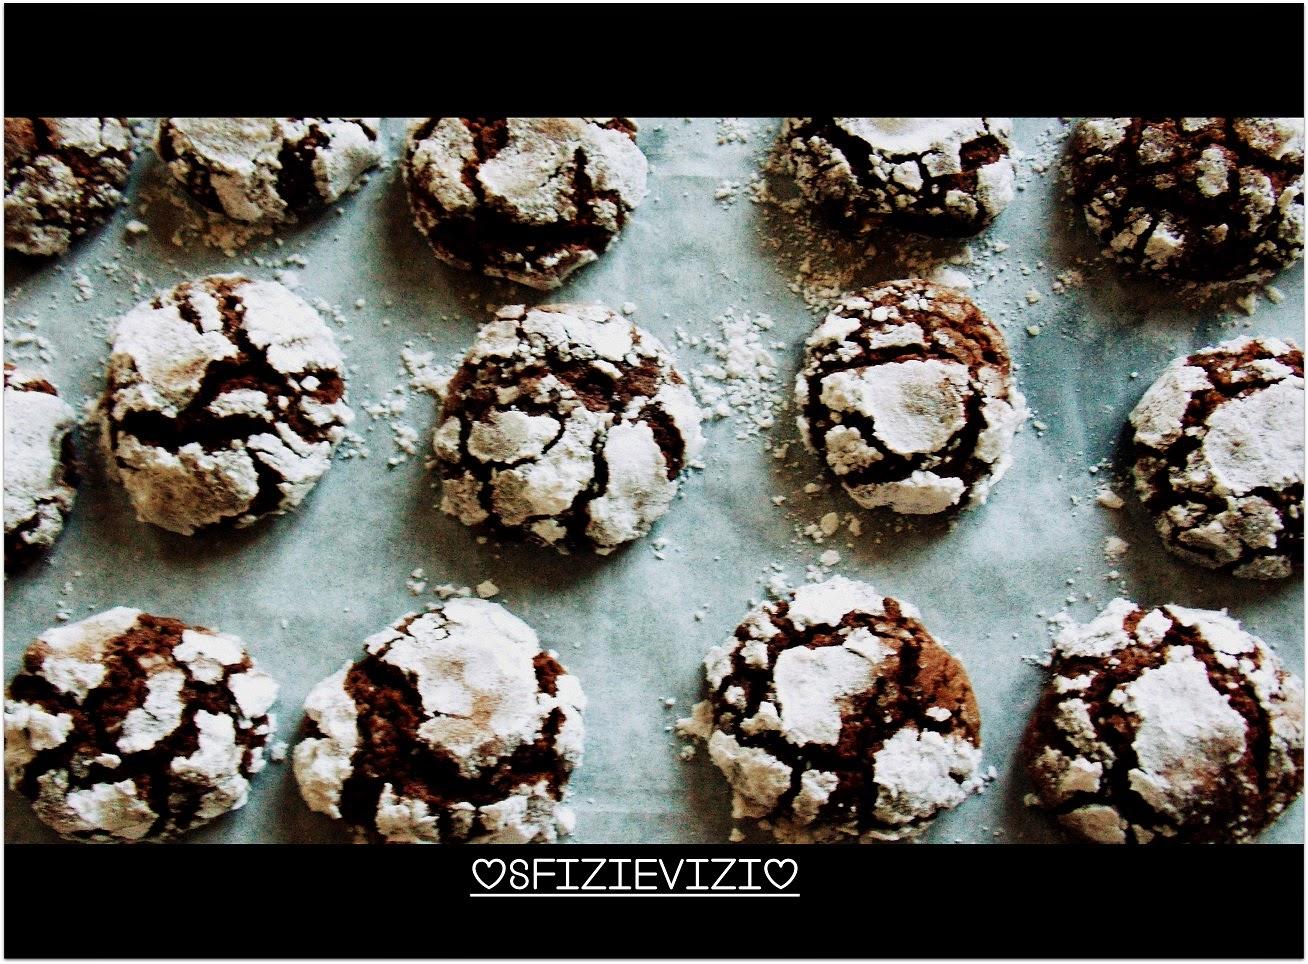 biscotti al cioccolato con arance candite - ricetta riciclo uova di pasqua ovvero il cioccolato che sposa l'arancia